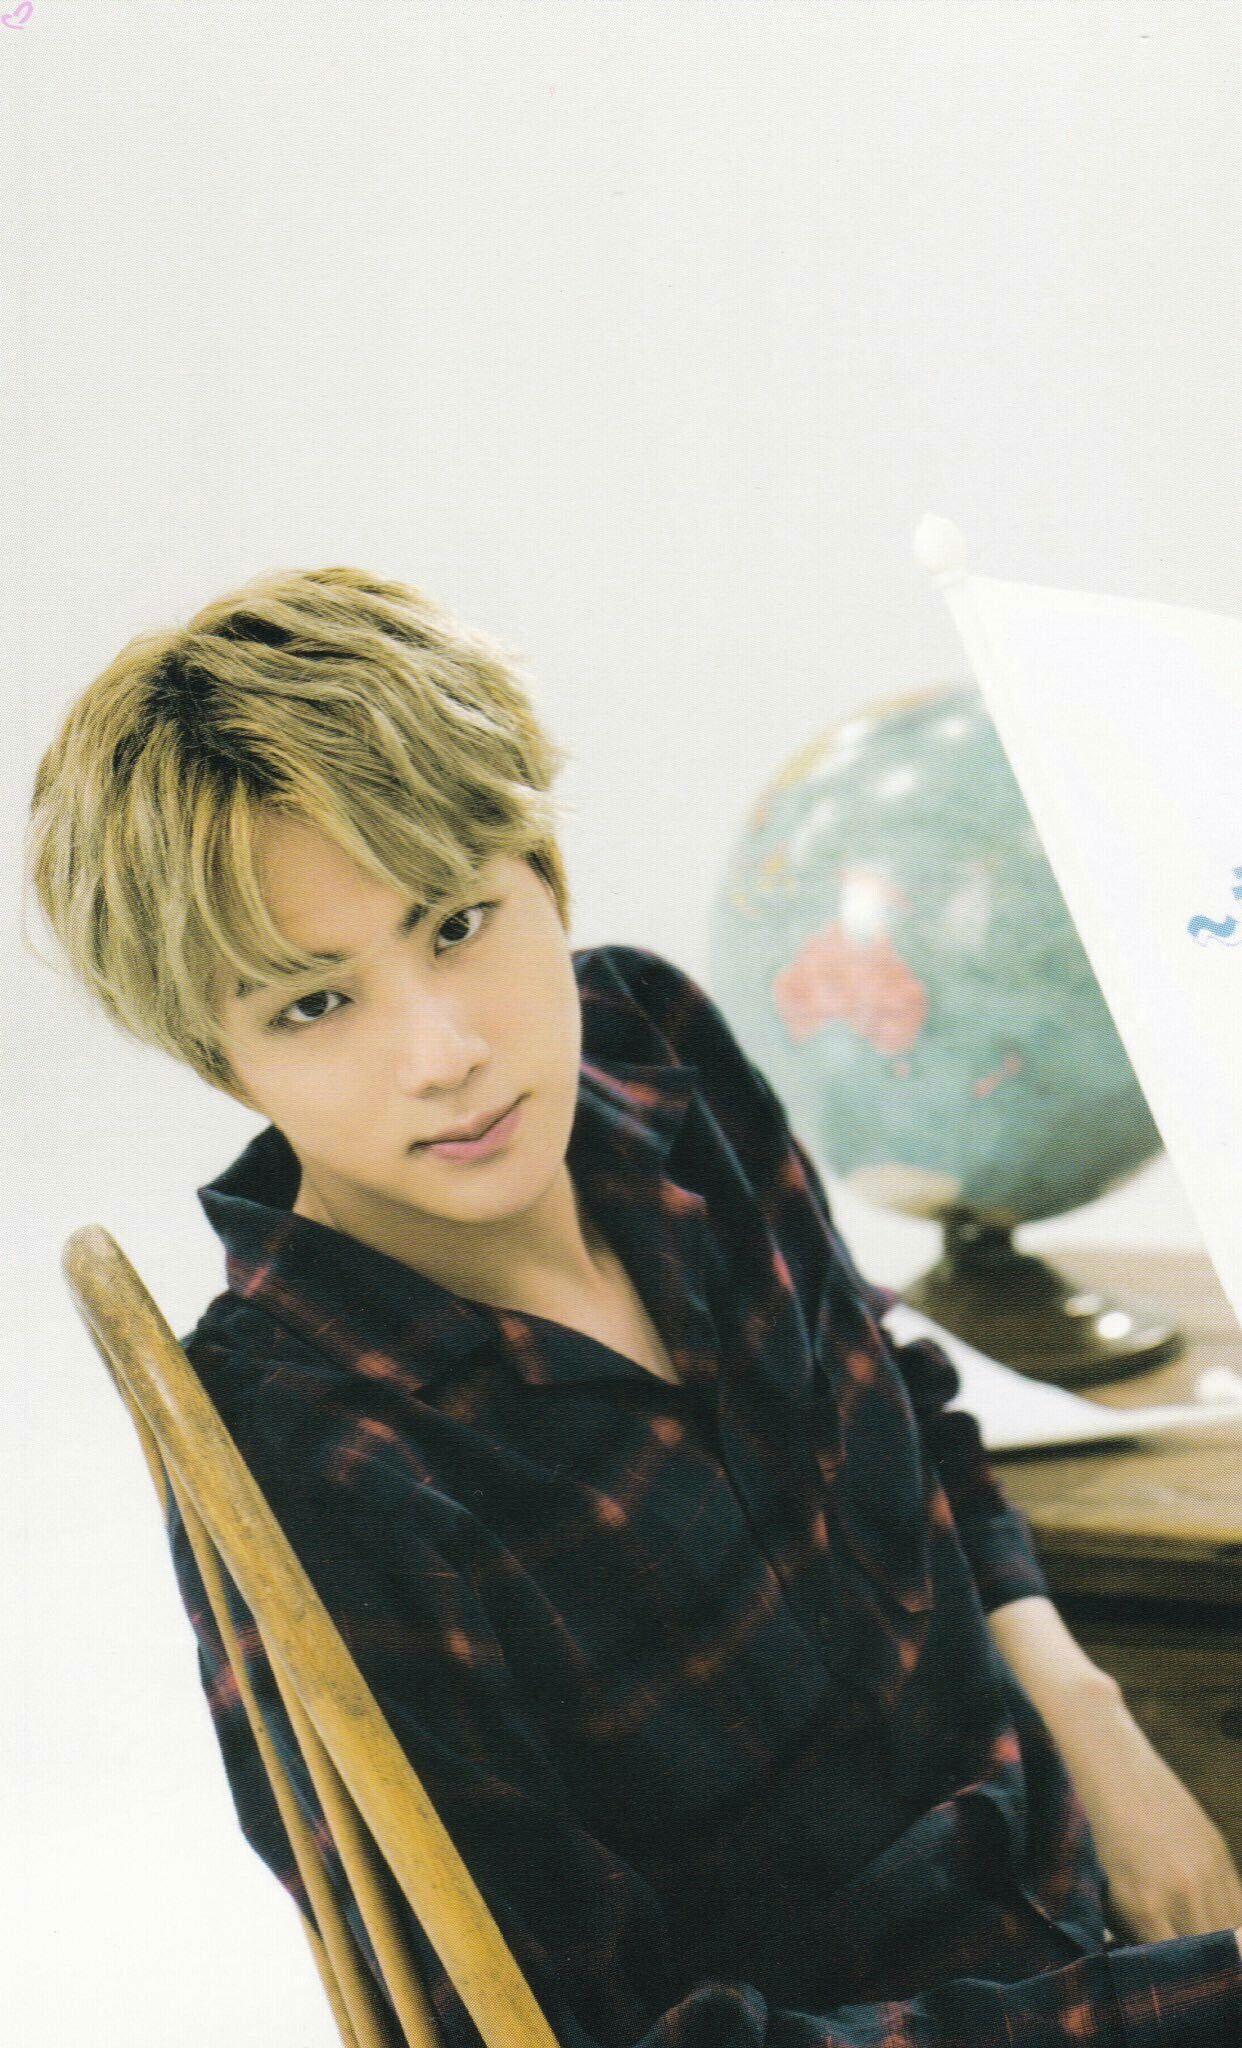 Cute jin